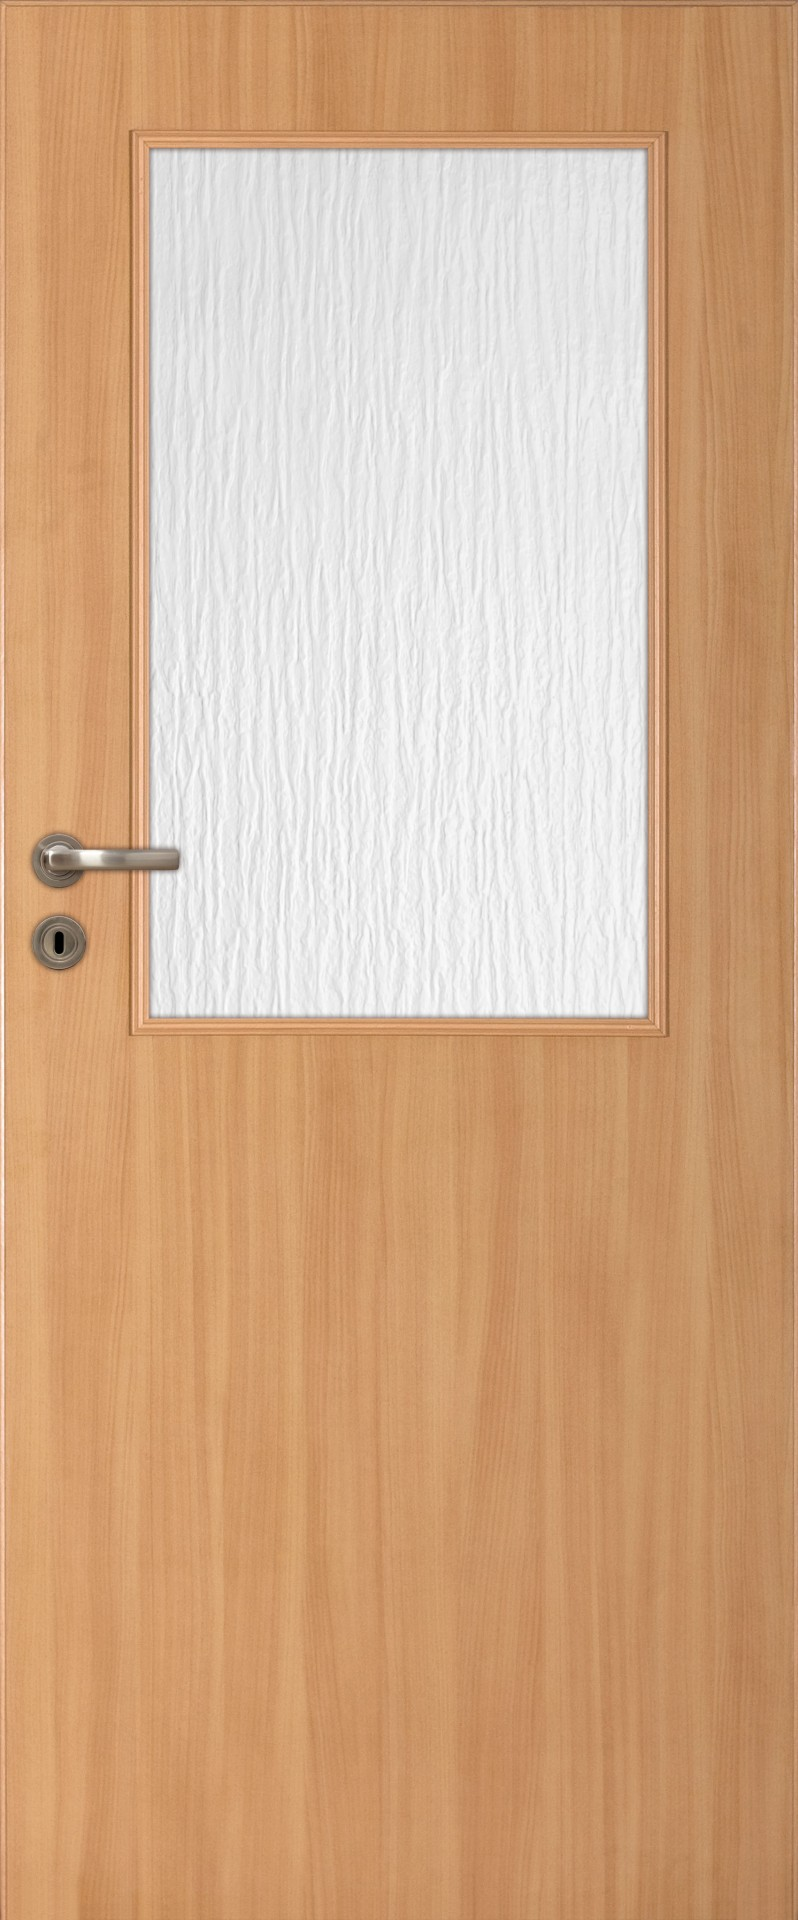 Dre dveře Lack 30, Šíře v cm 90